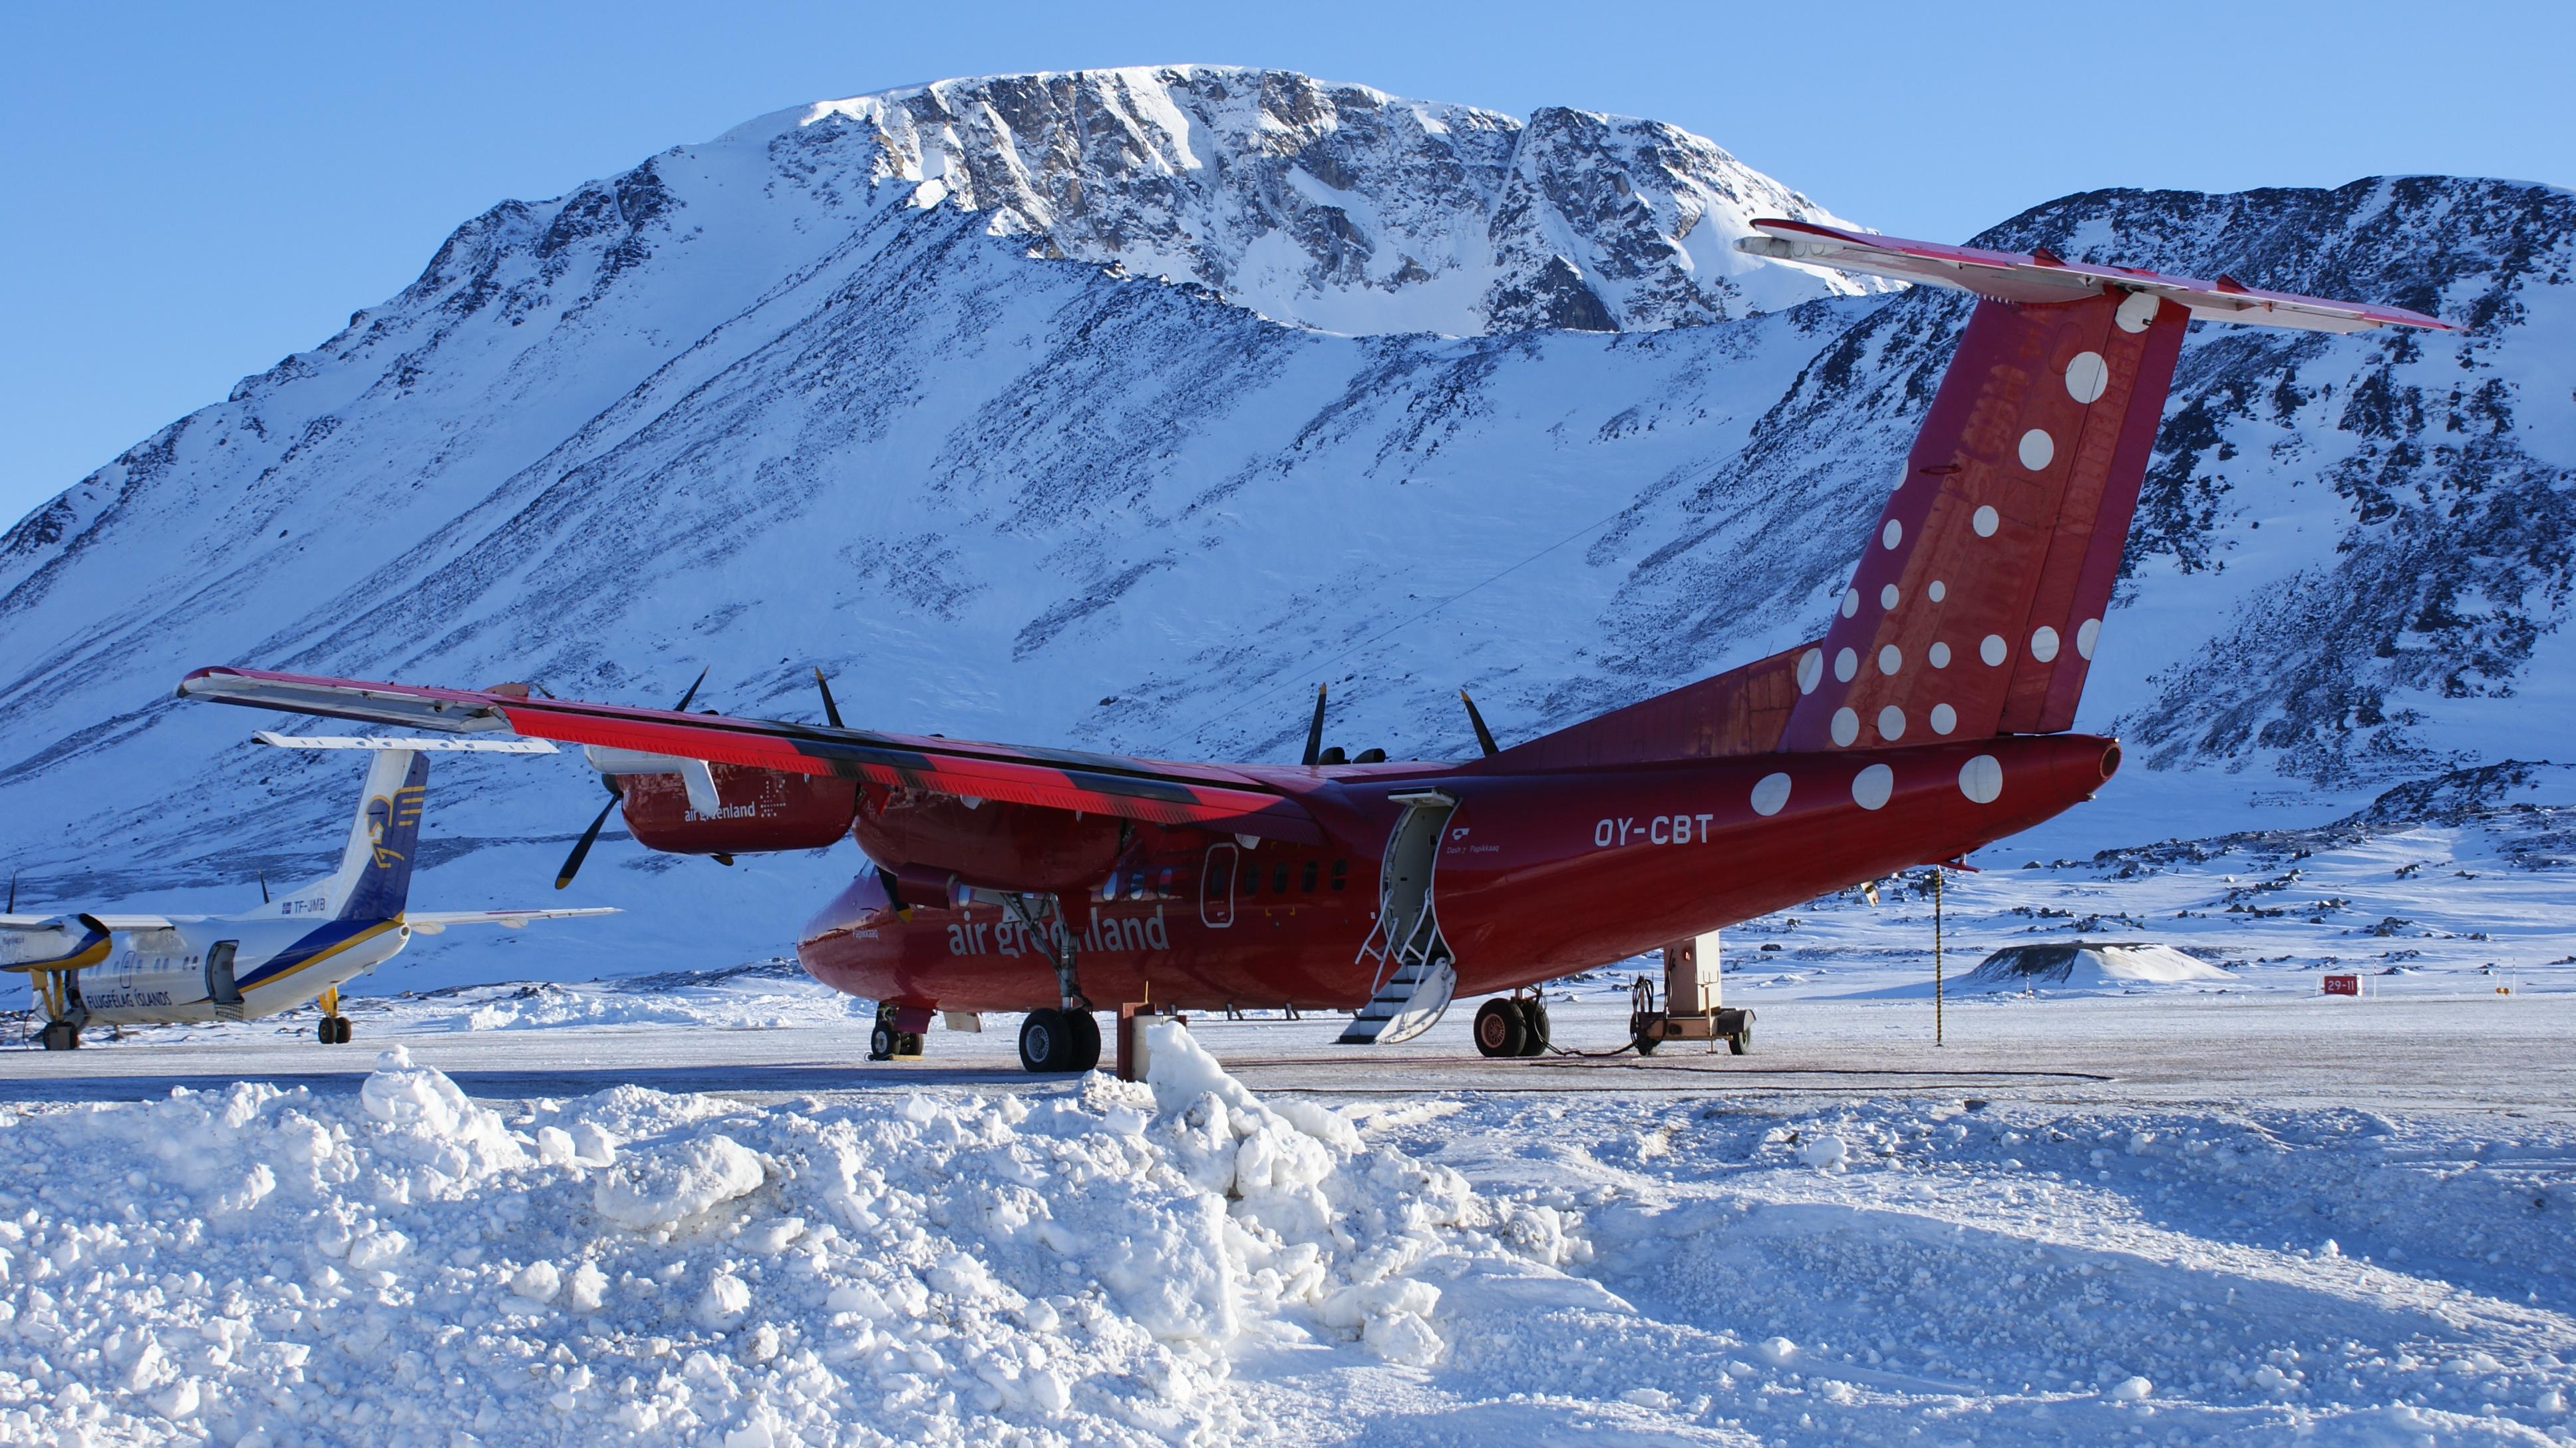 8 - Аэропорт Нанорталик (Nanortalik) коды IATA: JNN ICAO: BGNN город: Нанорталик (Nanortalik) страна: Гренландия (Greenland)